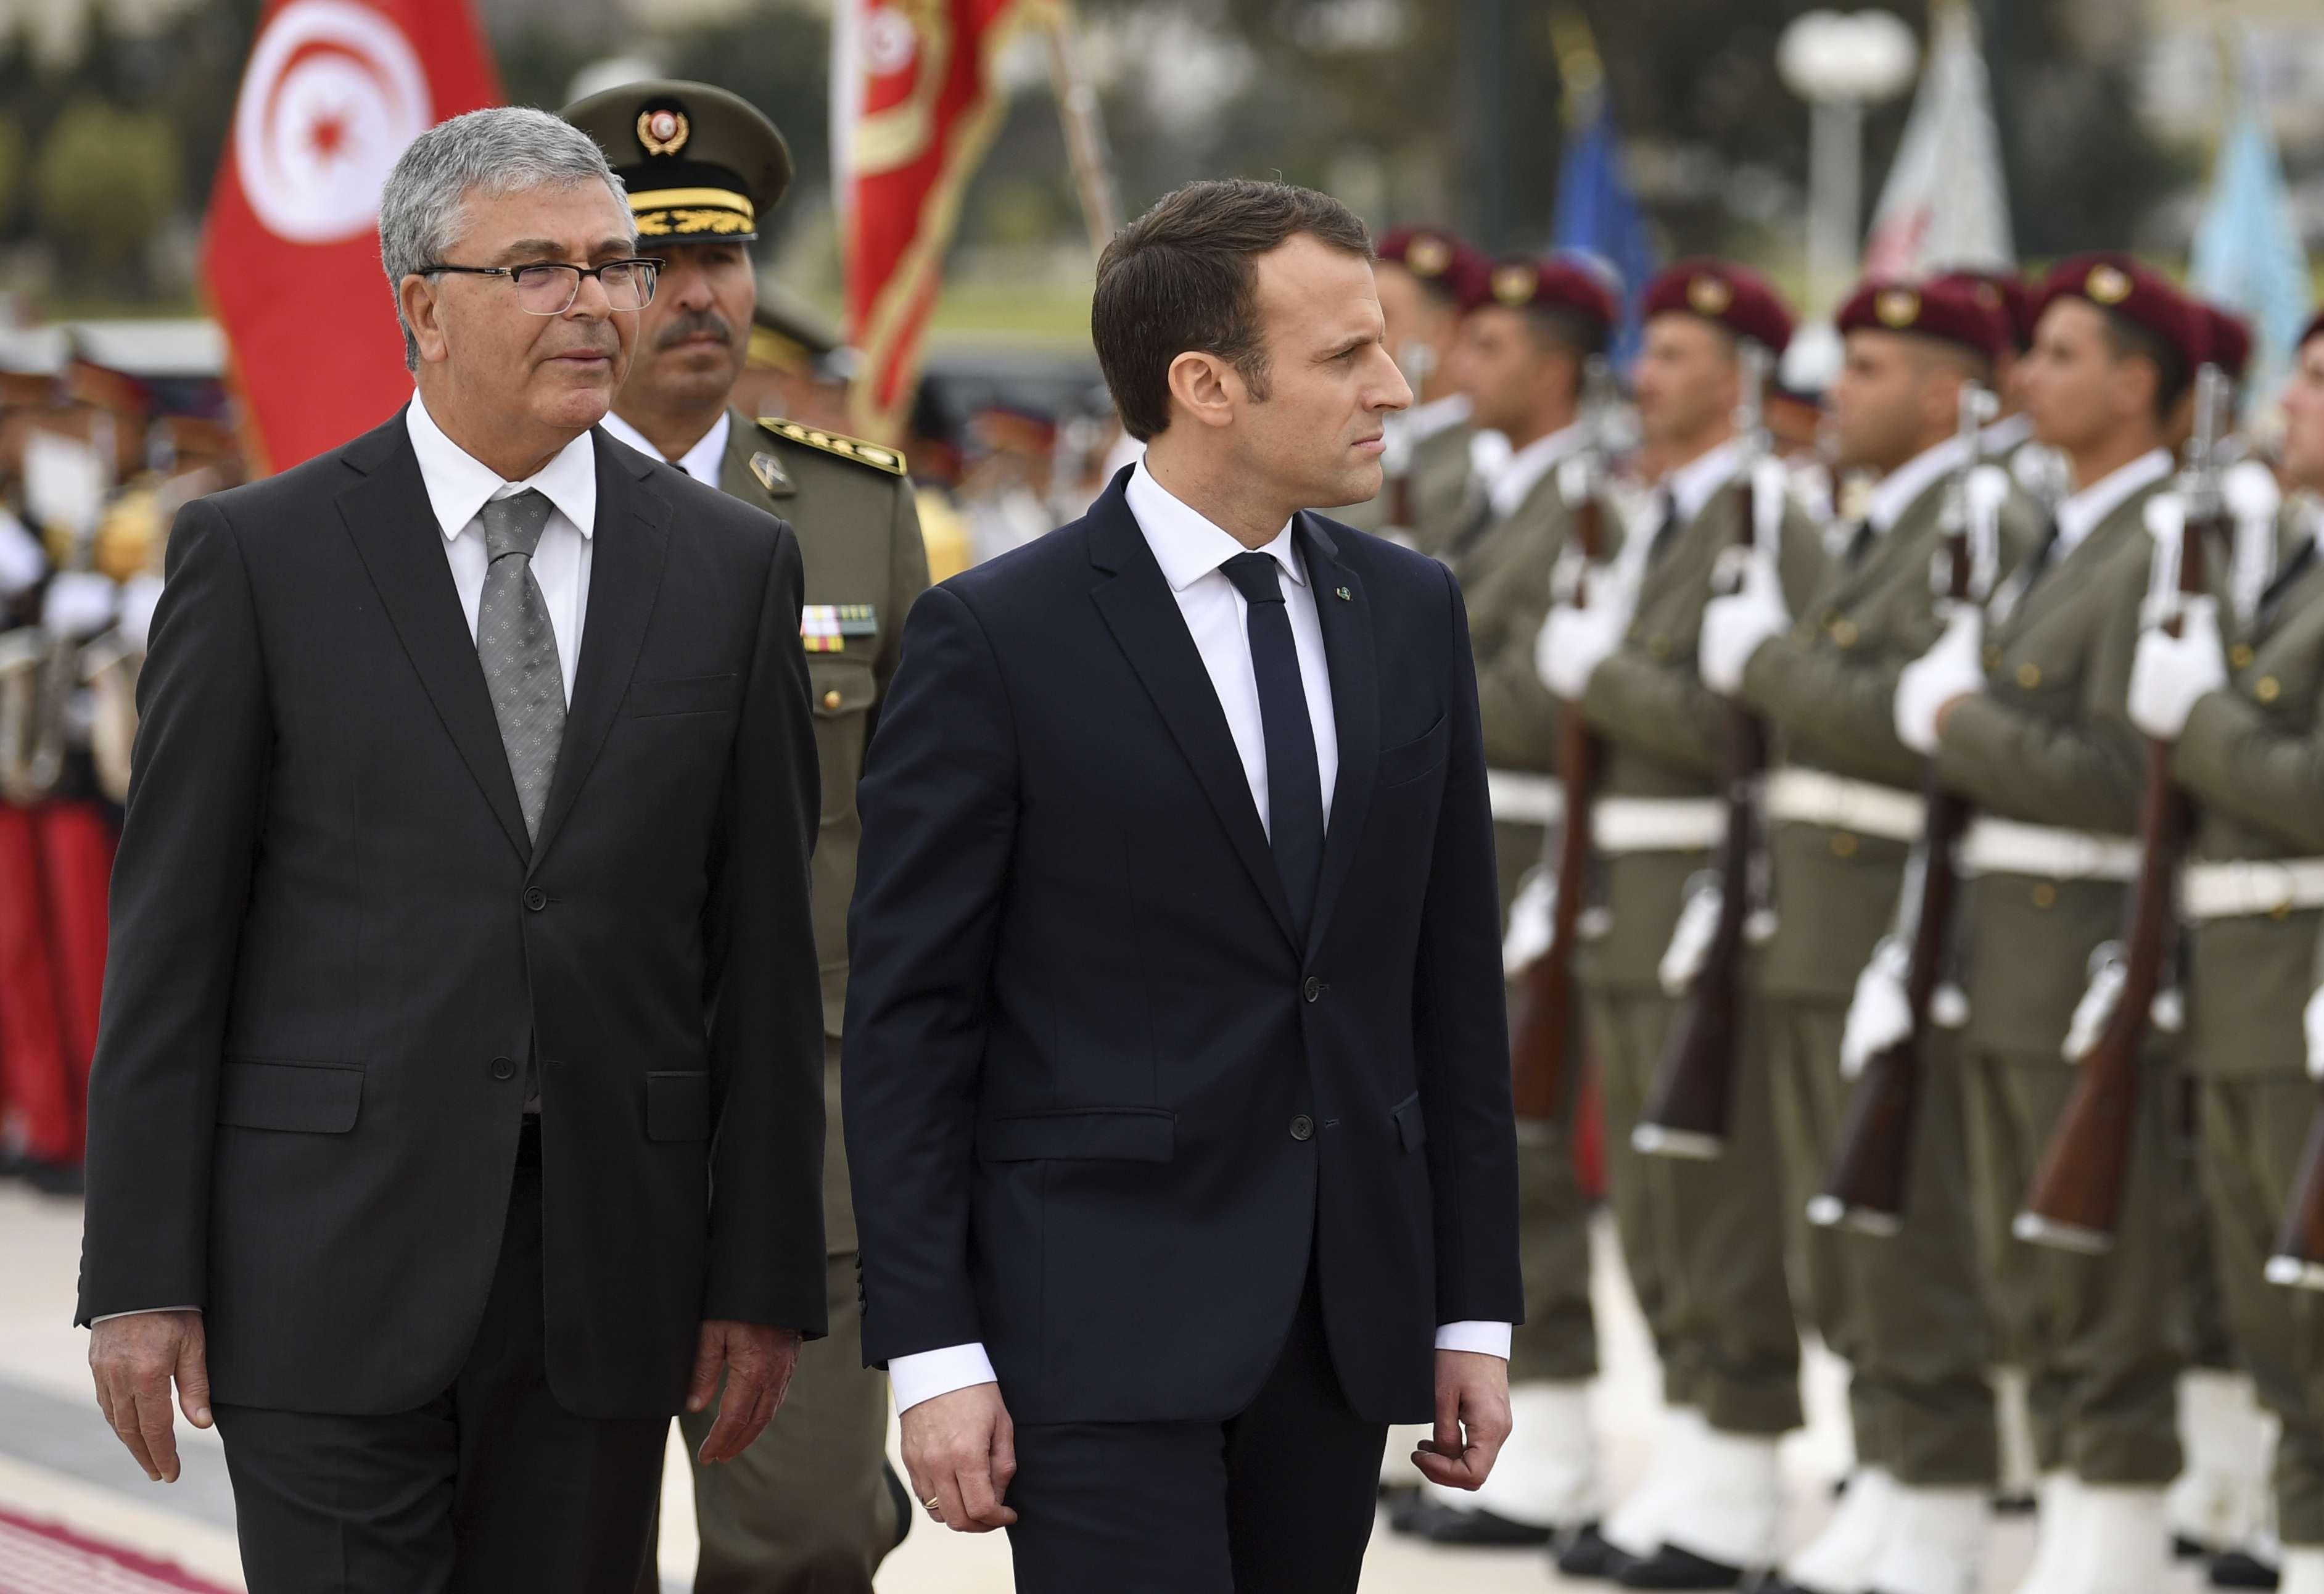 Le ministre de la Défense, Abdelkrim Zbidi (à gauche), passant les troupes en revue aux côtés du président français Emmanuel Macron, en visite en Tunisie en février 2018.